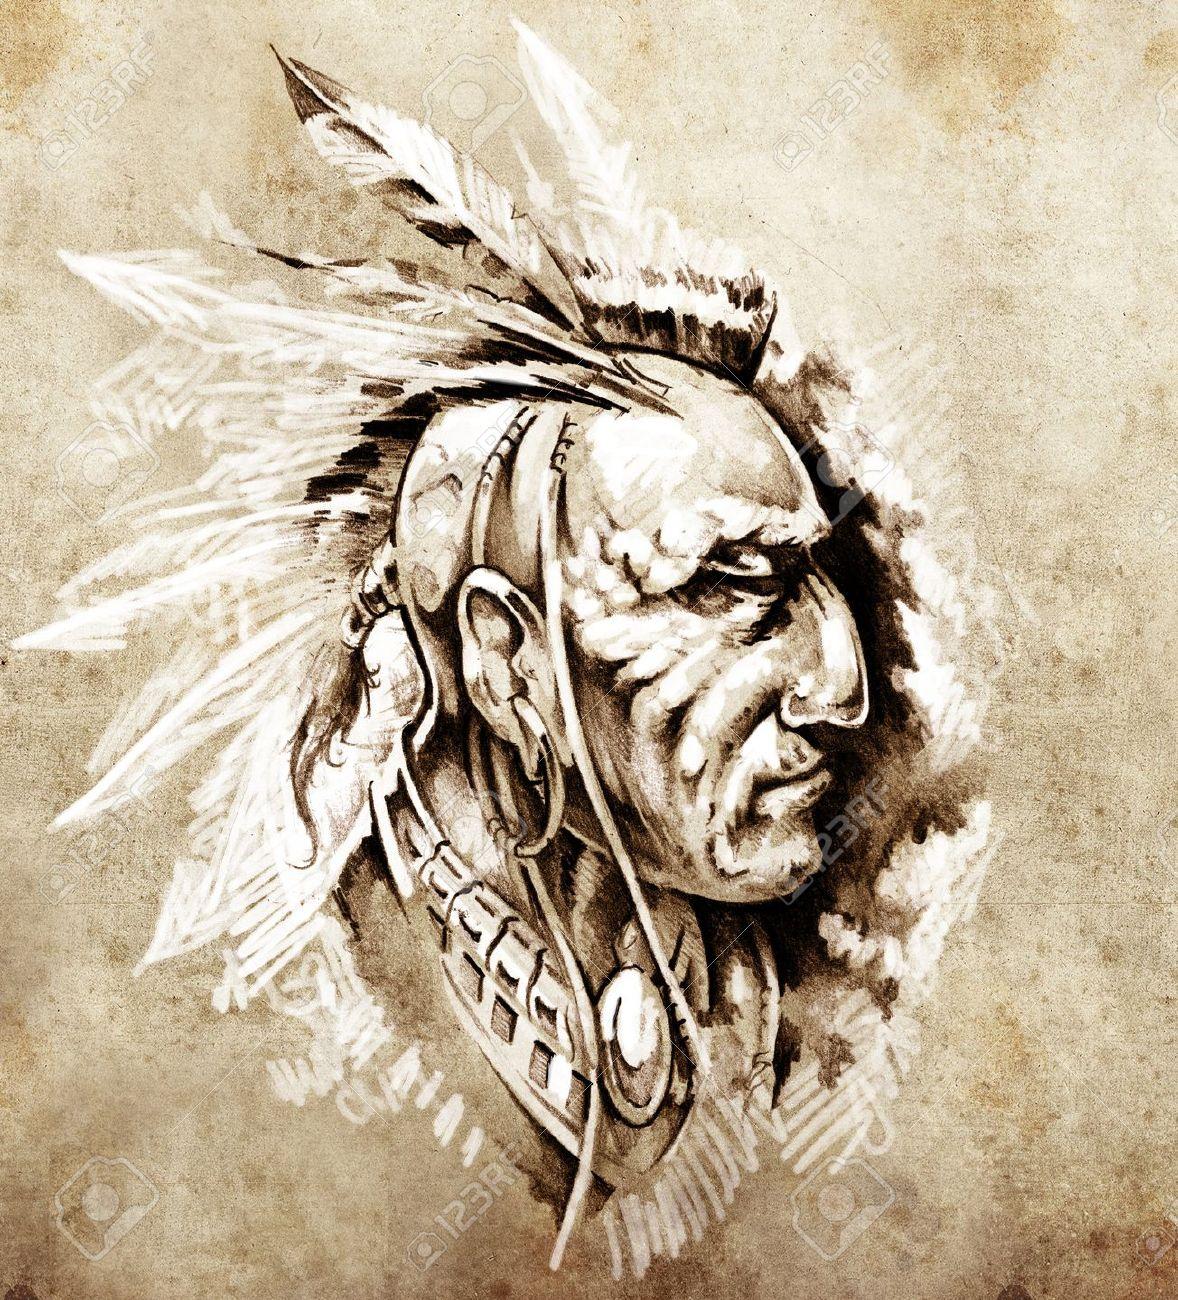 Boceto De Arte Del Tatuaje, Jefe Indio Americano Ilustración Fotos ...